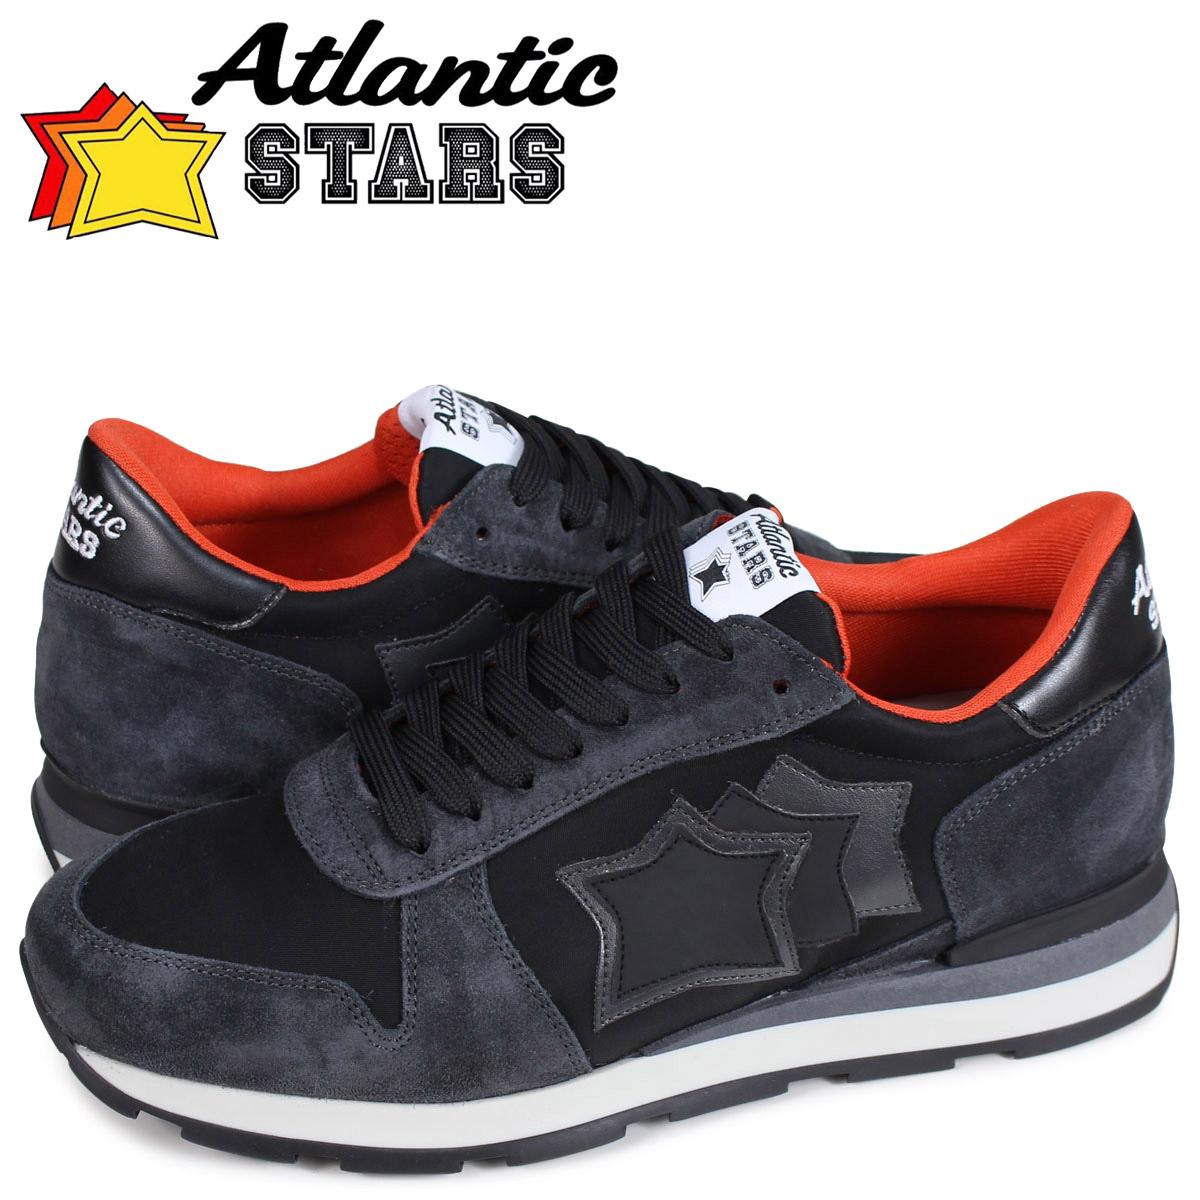 アトランティックスターズ メンズ スニーカー Atlantic STARS シリウス SIRIUS NGA-81N ブラック